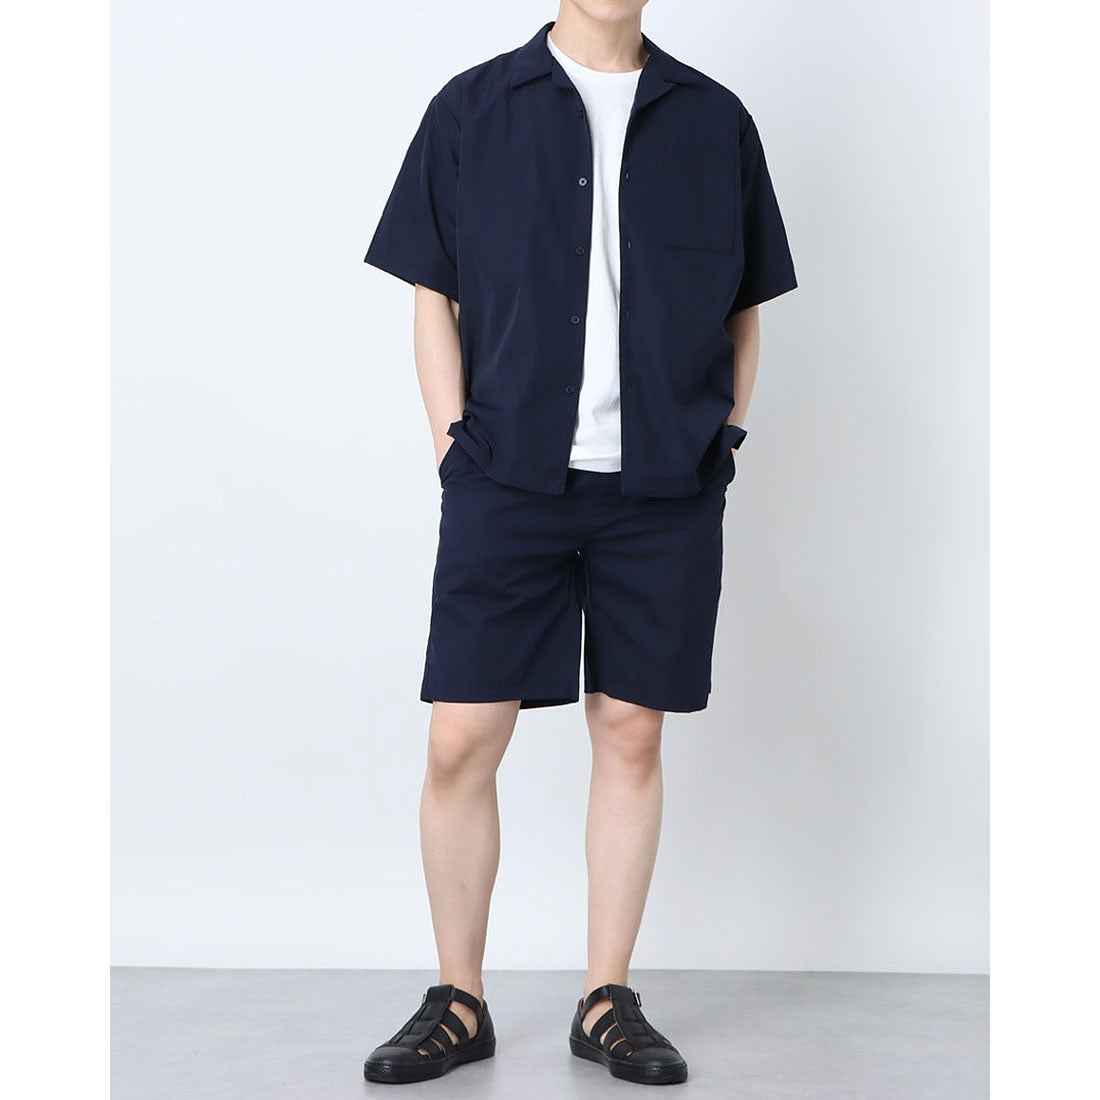 ロコンド 靴とファッションの通販サイトスタイルブロック STYLEBLOCK 3点セット半袖セットアップ (ネイビー)